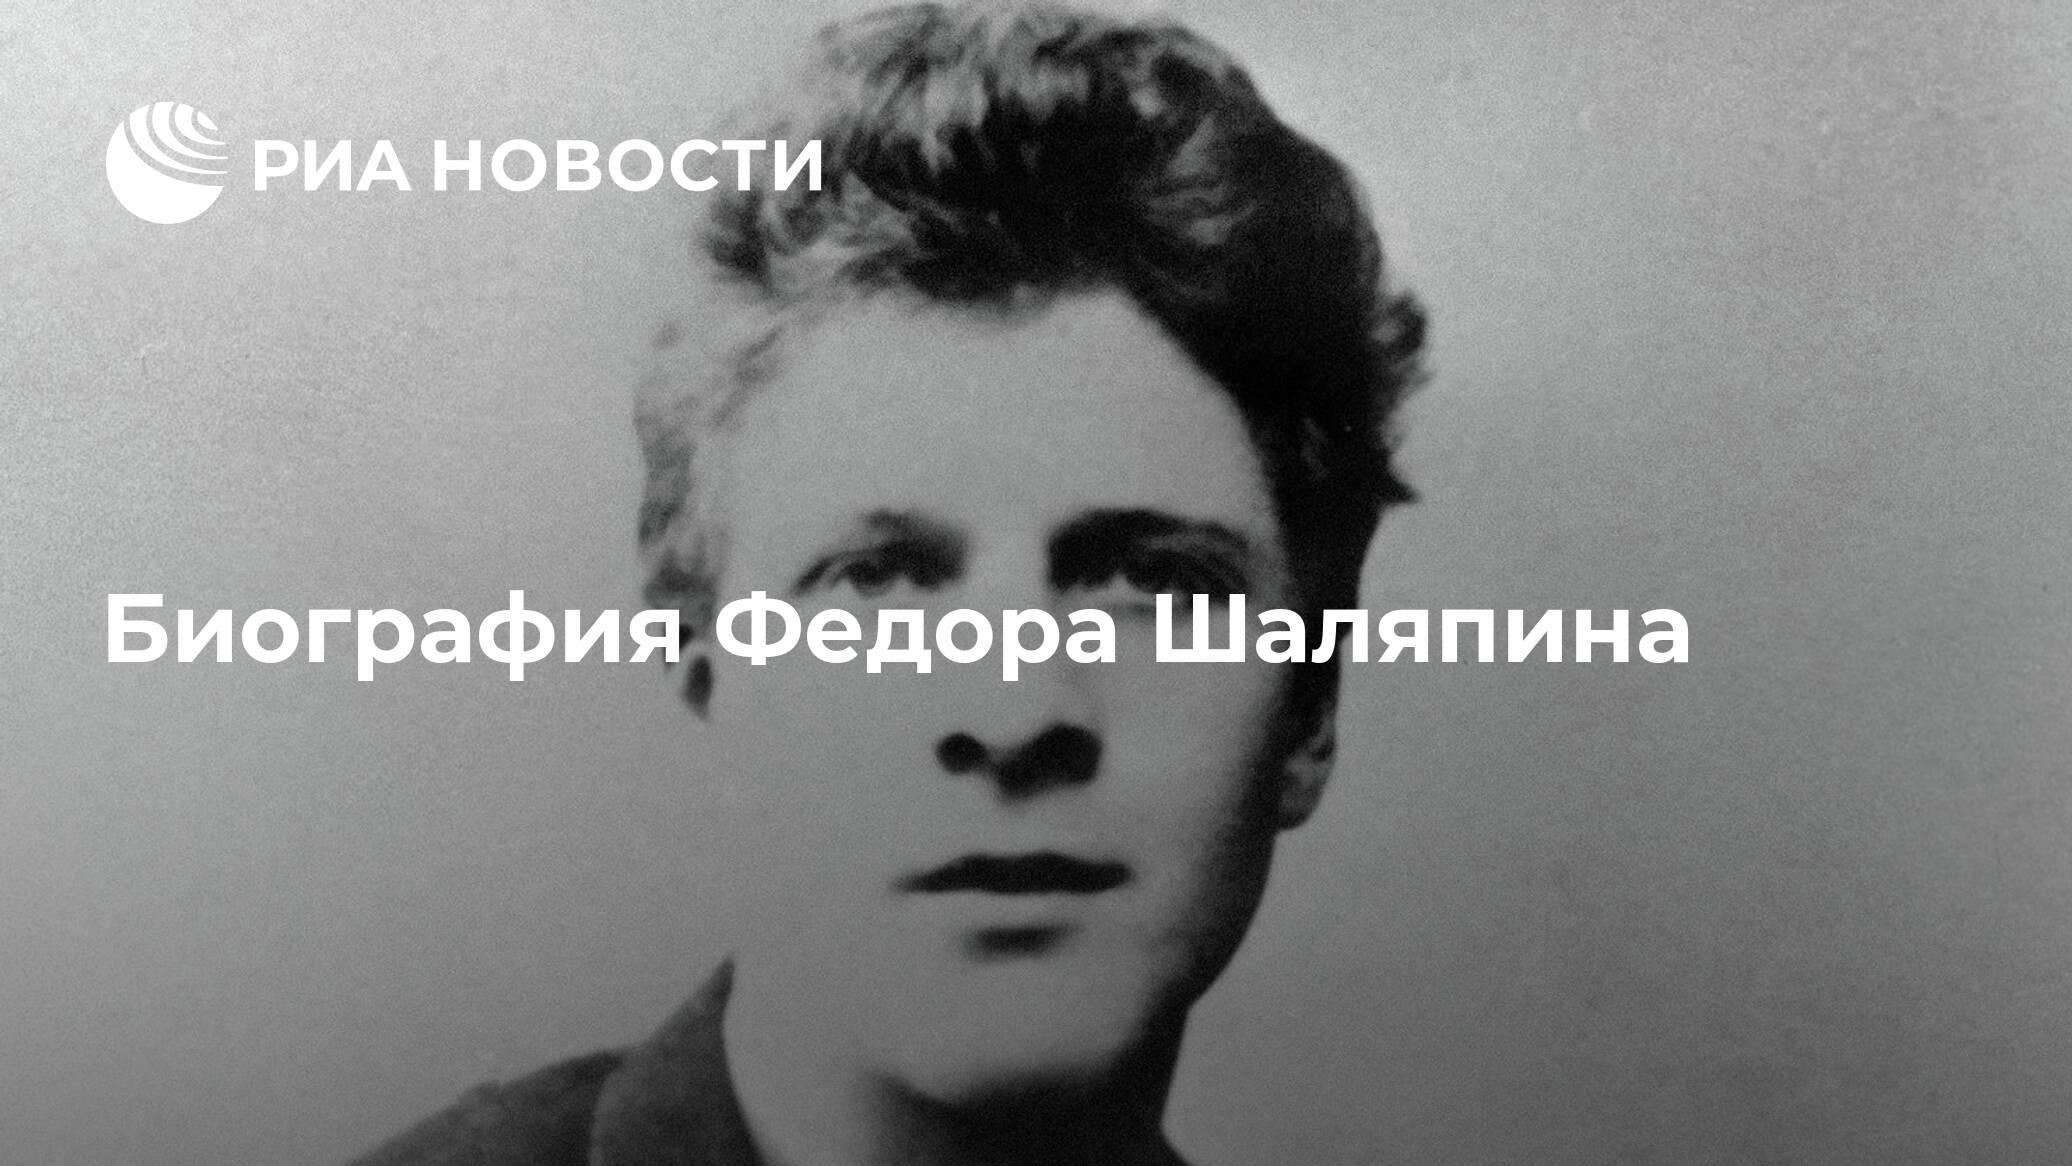 Биография <b>Федора Шаляпина</b> - РИА Новости, 13.02.2013